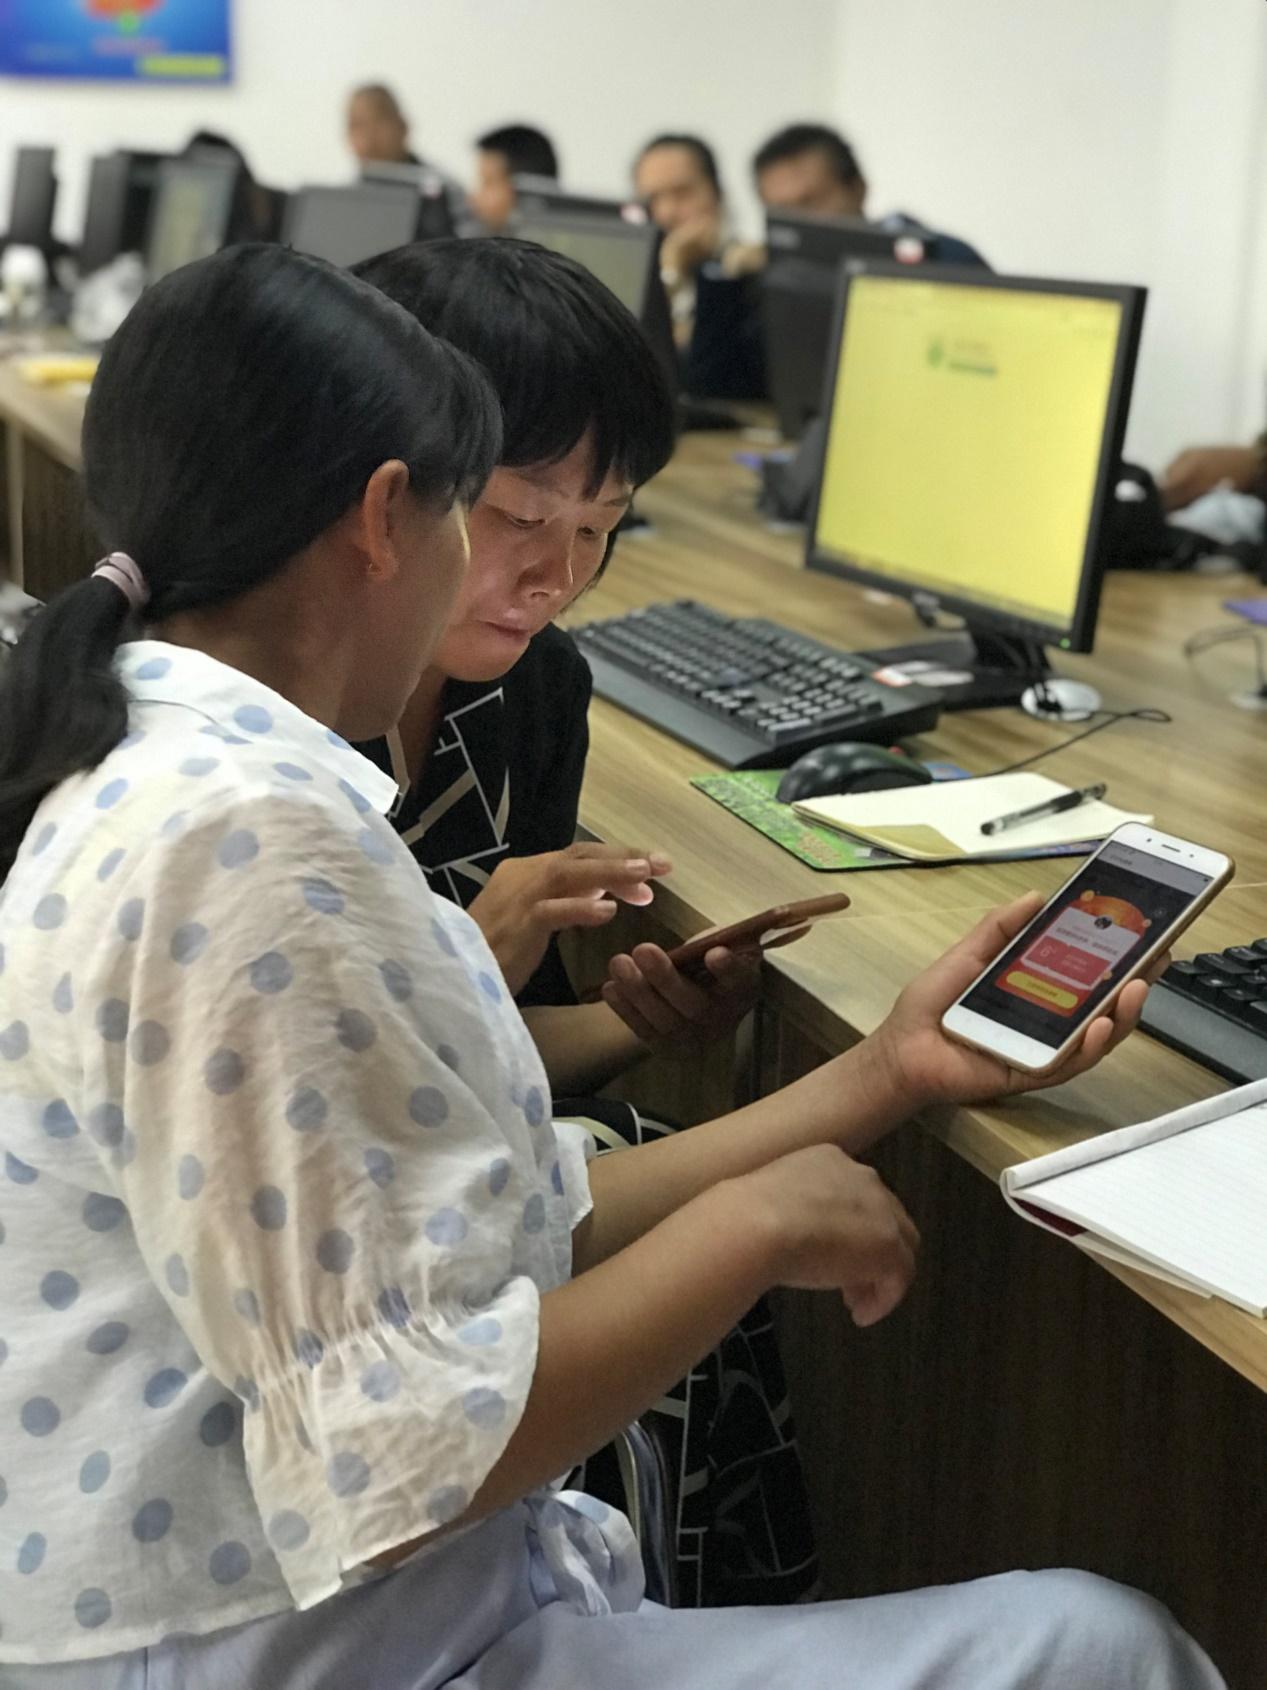 拼多多与中国农业大学签署战略协议,年内将培养2000名新农商人才